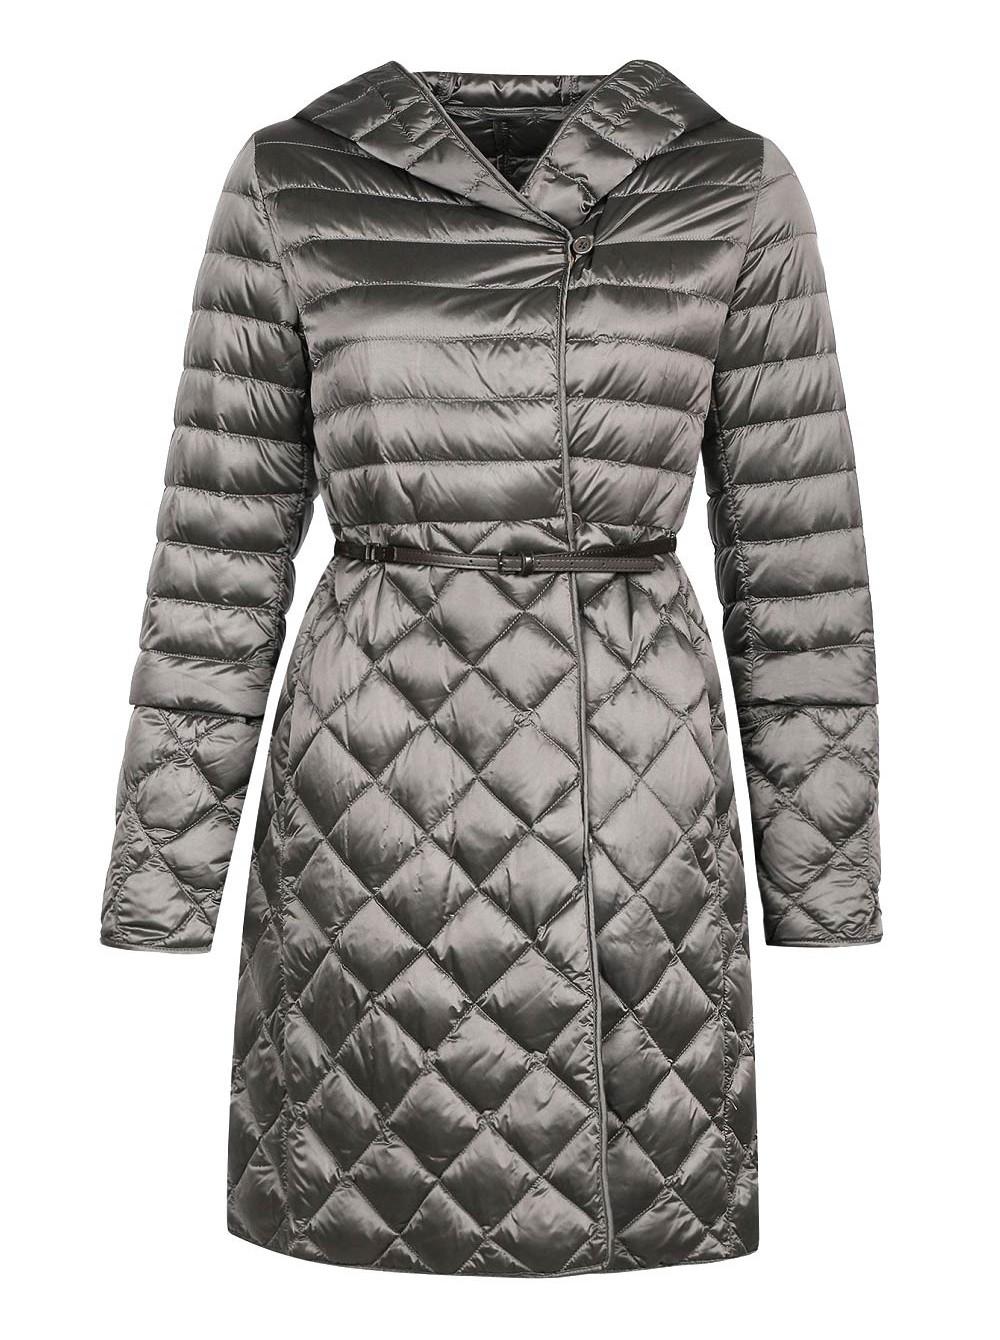 Макс Мара Интернет Магазин Женской Одежды Каталог